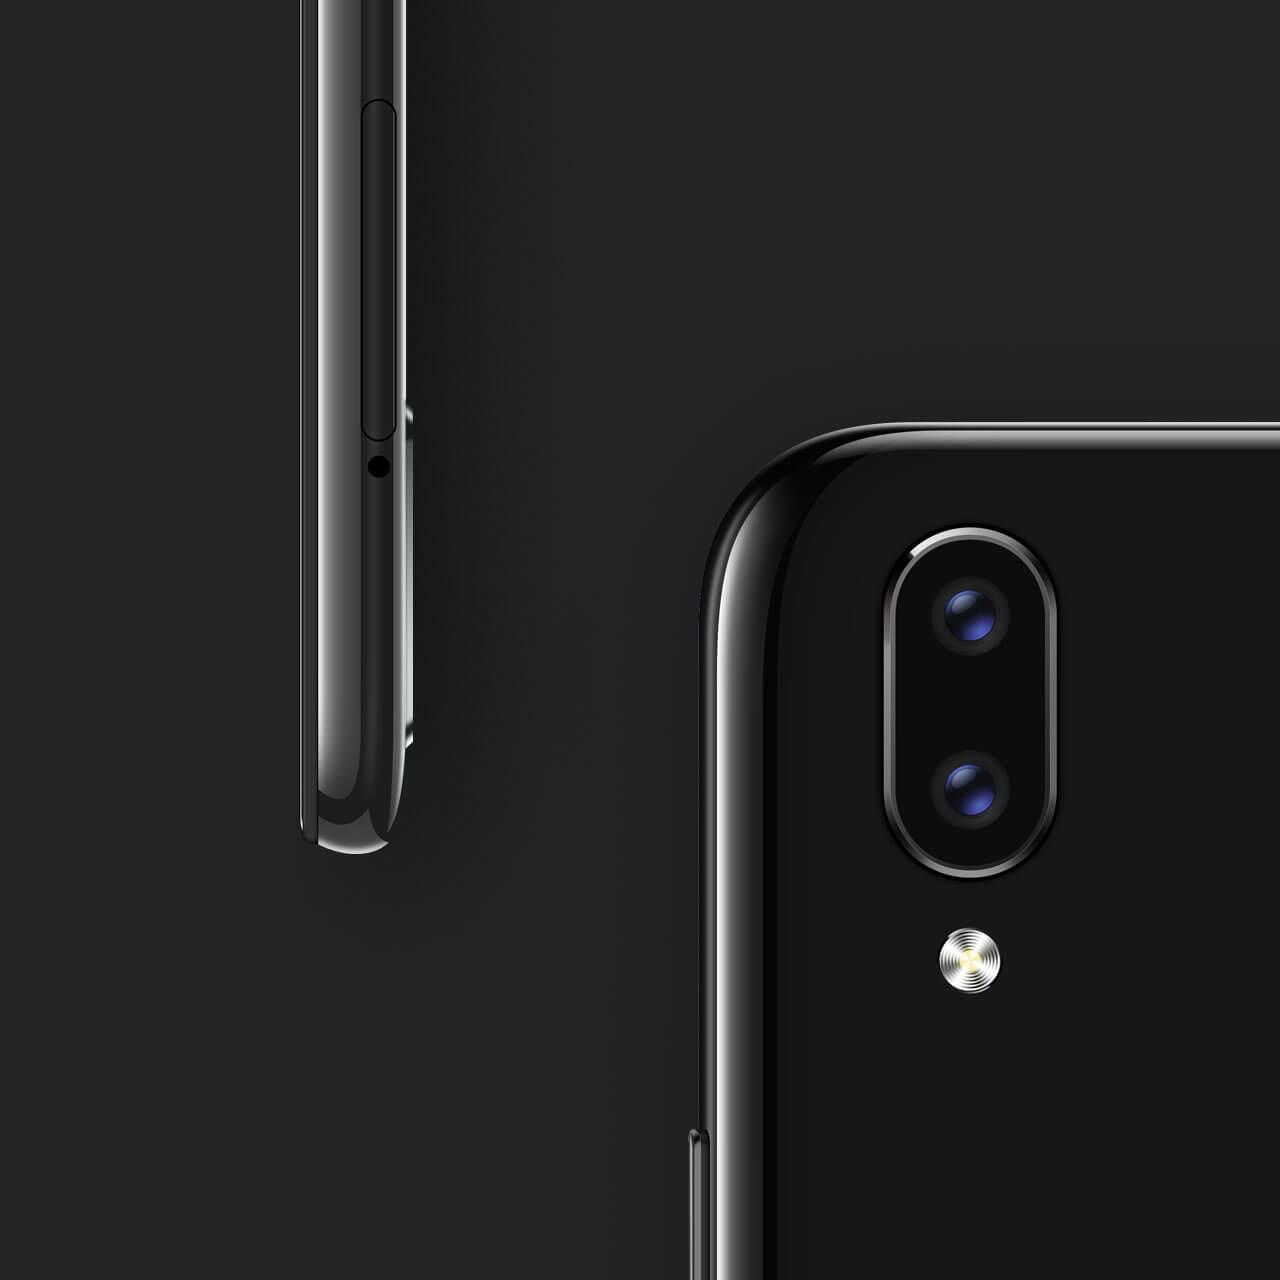 Vivo V9 Dual camera